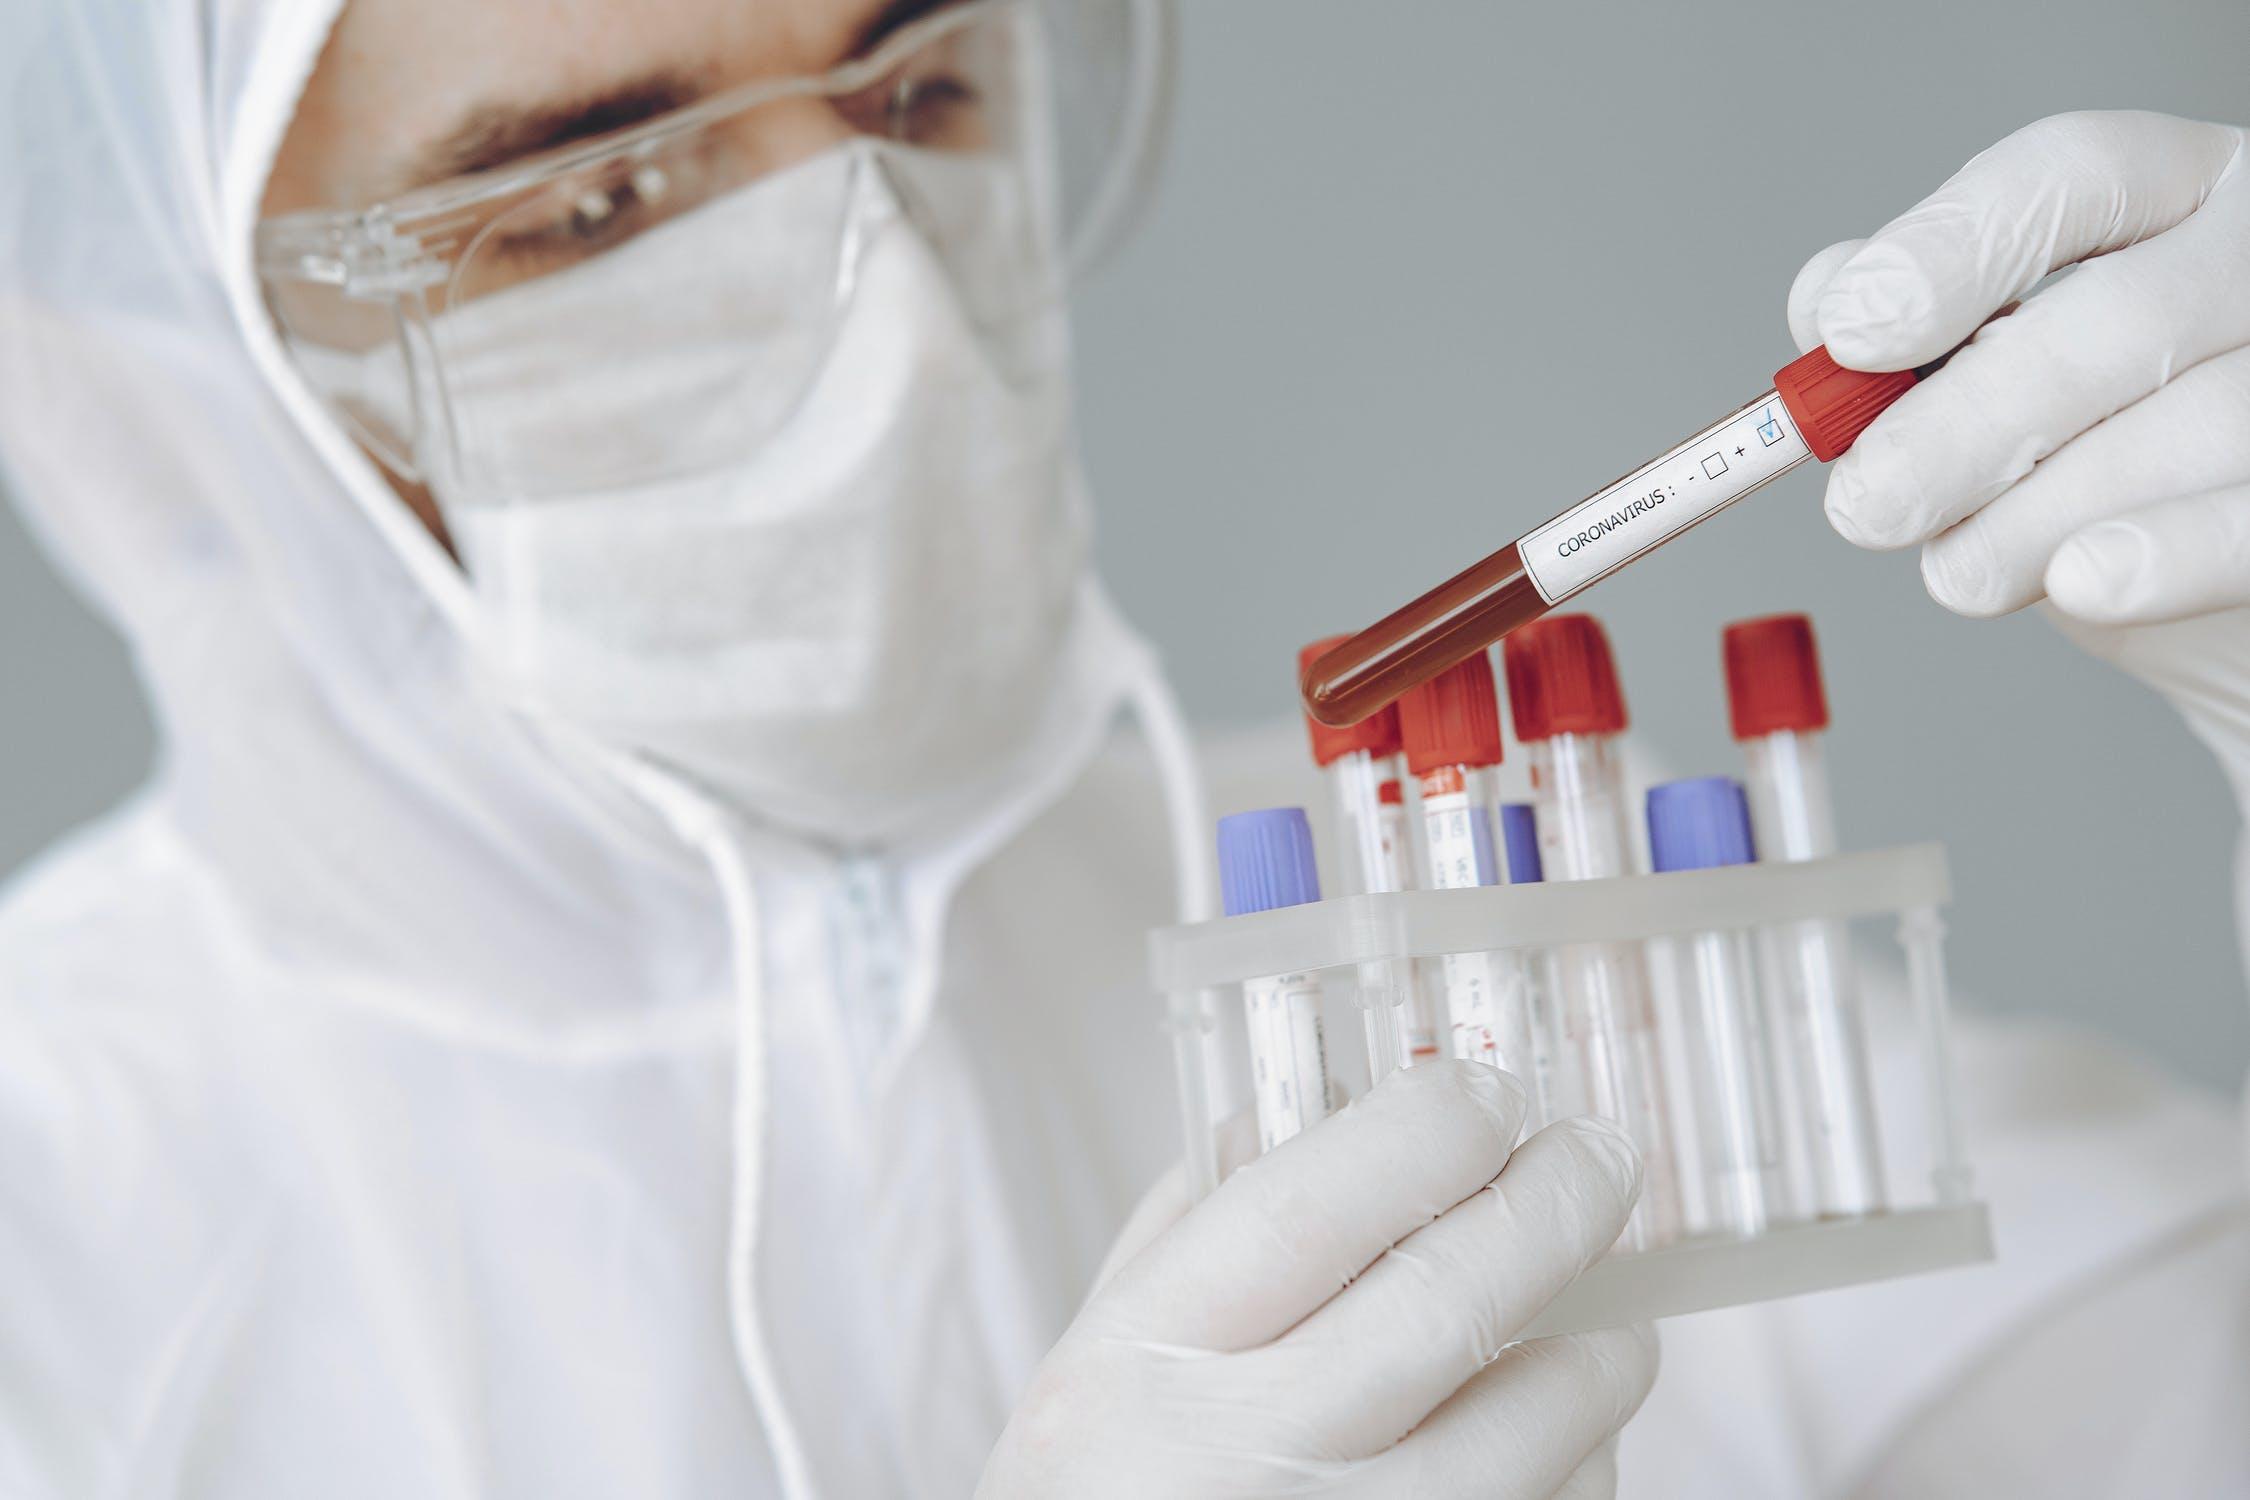 Los menores tendrían mayor carga viral que podría incidir en la propagación de covid-19, según evidencia reciente, afirman los CDC. (Foto Prensa Libre: Servicios)